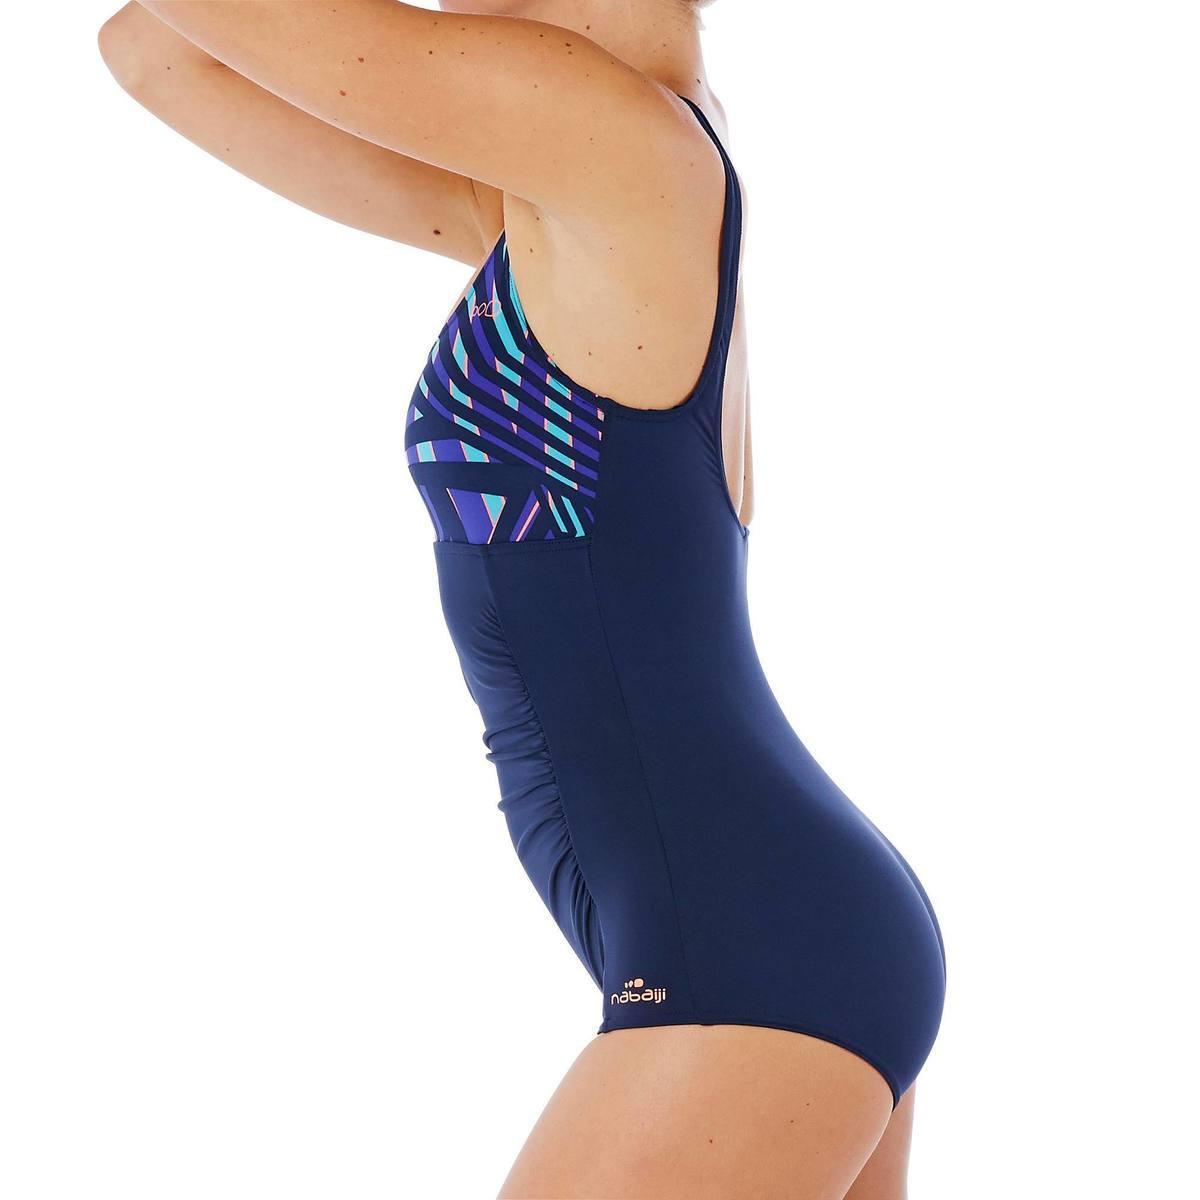 Bild 5 von Badeanzug Aquagym figurformend Mary Fici Damen blau